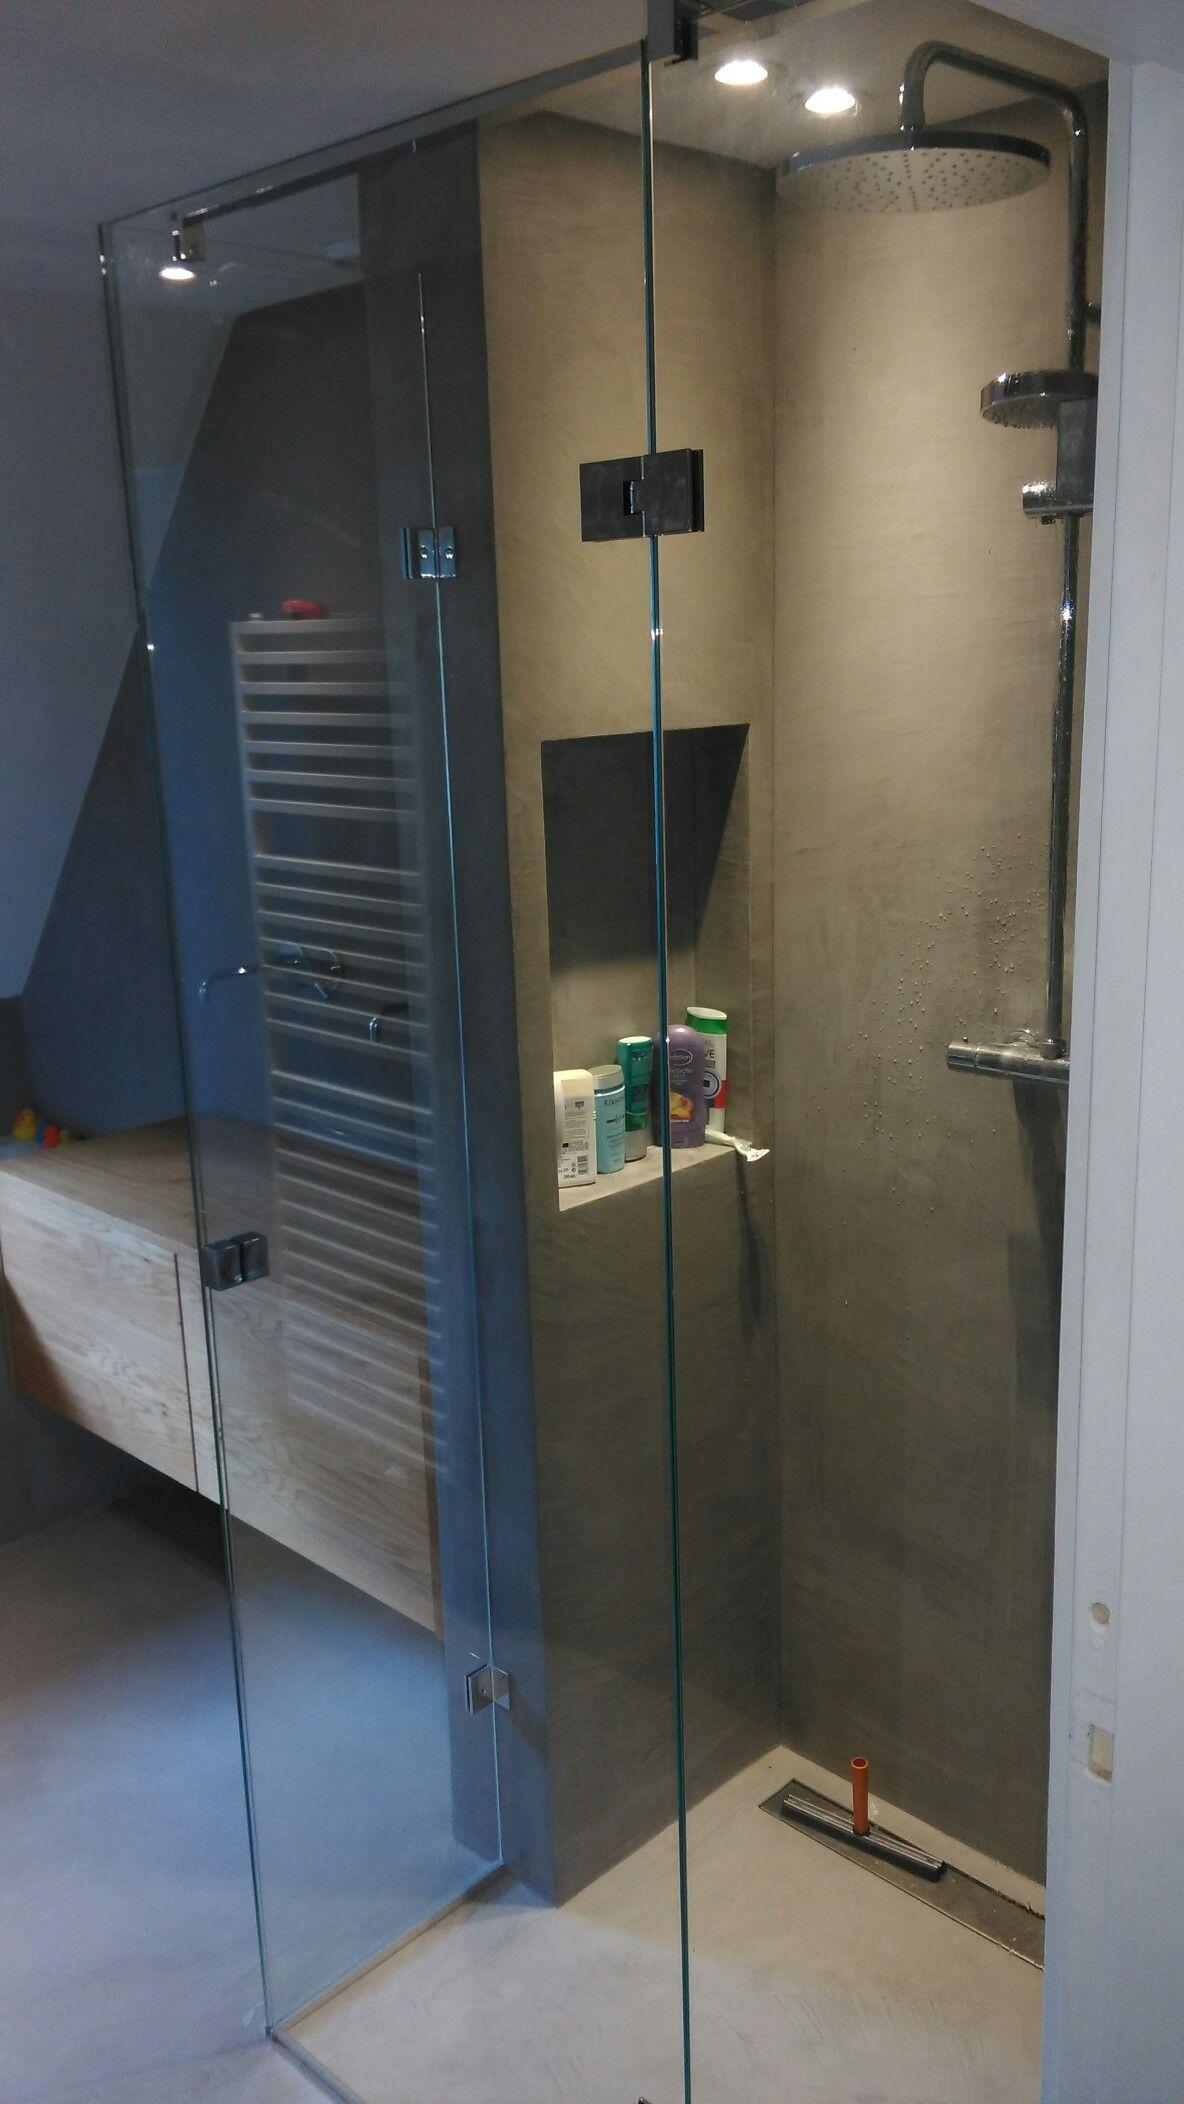 douche cabine met rechthoekig flamea beslag douchecabine op elke